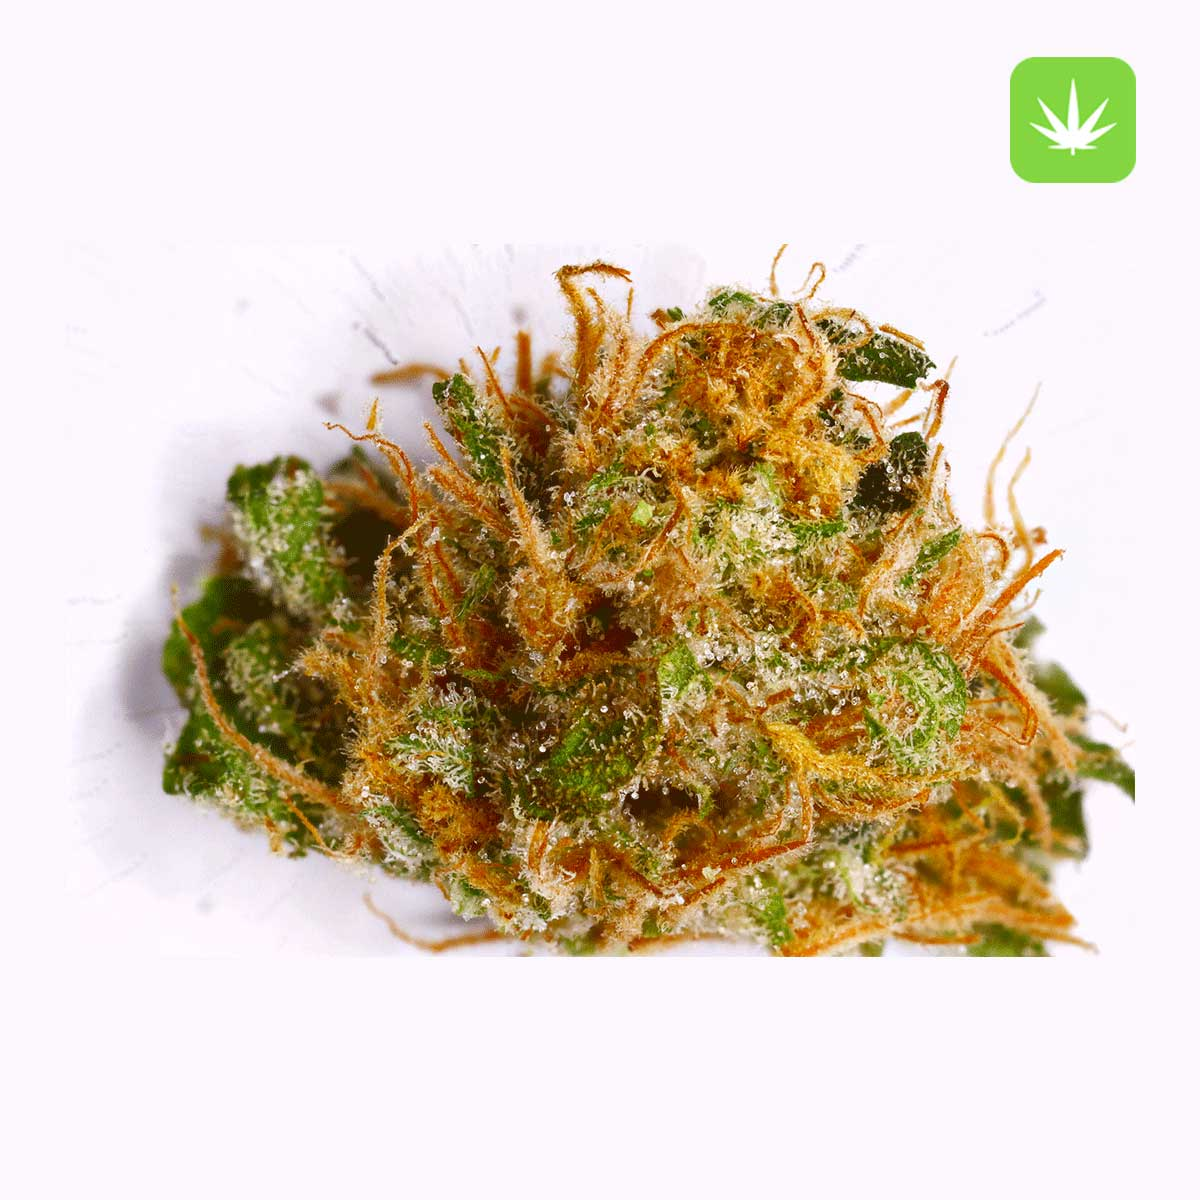 Hindu Kush 2 Cannabis Avenue 1